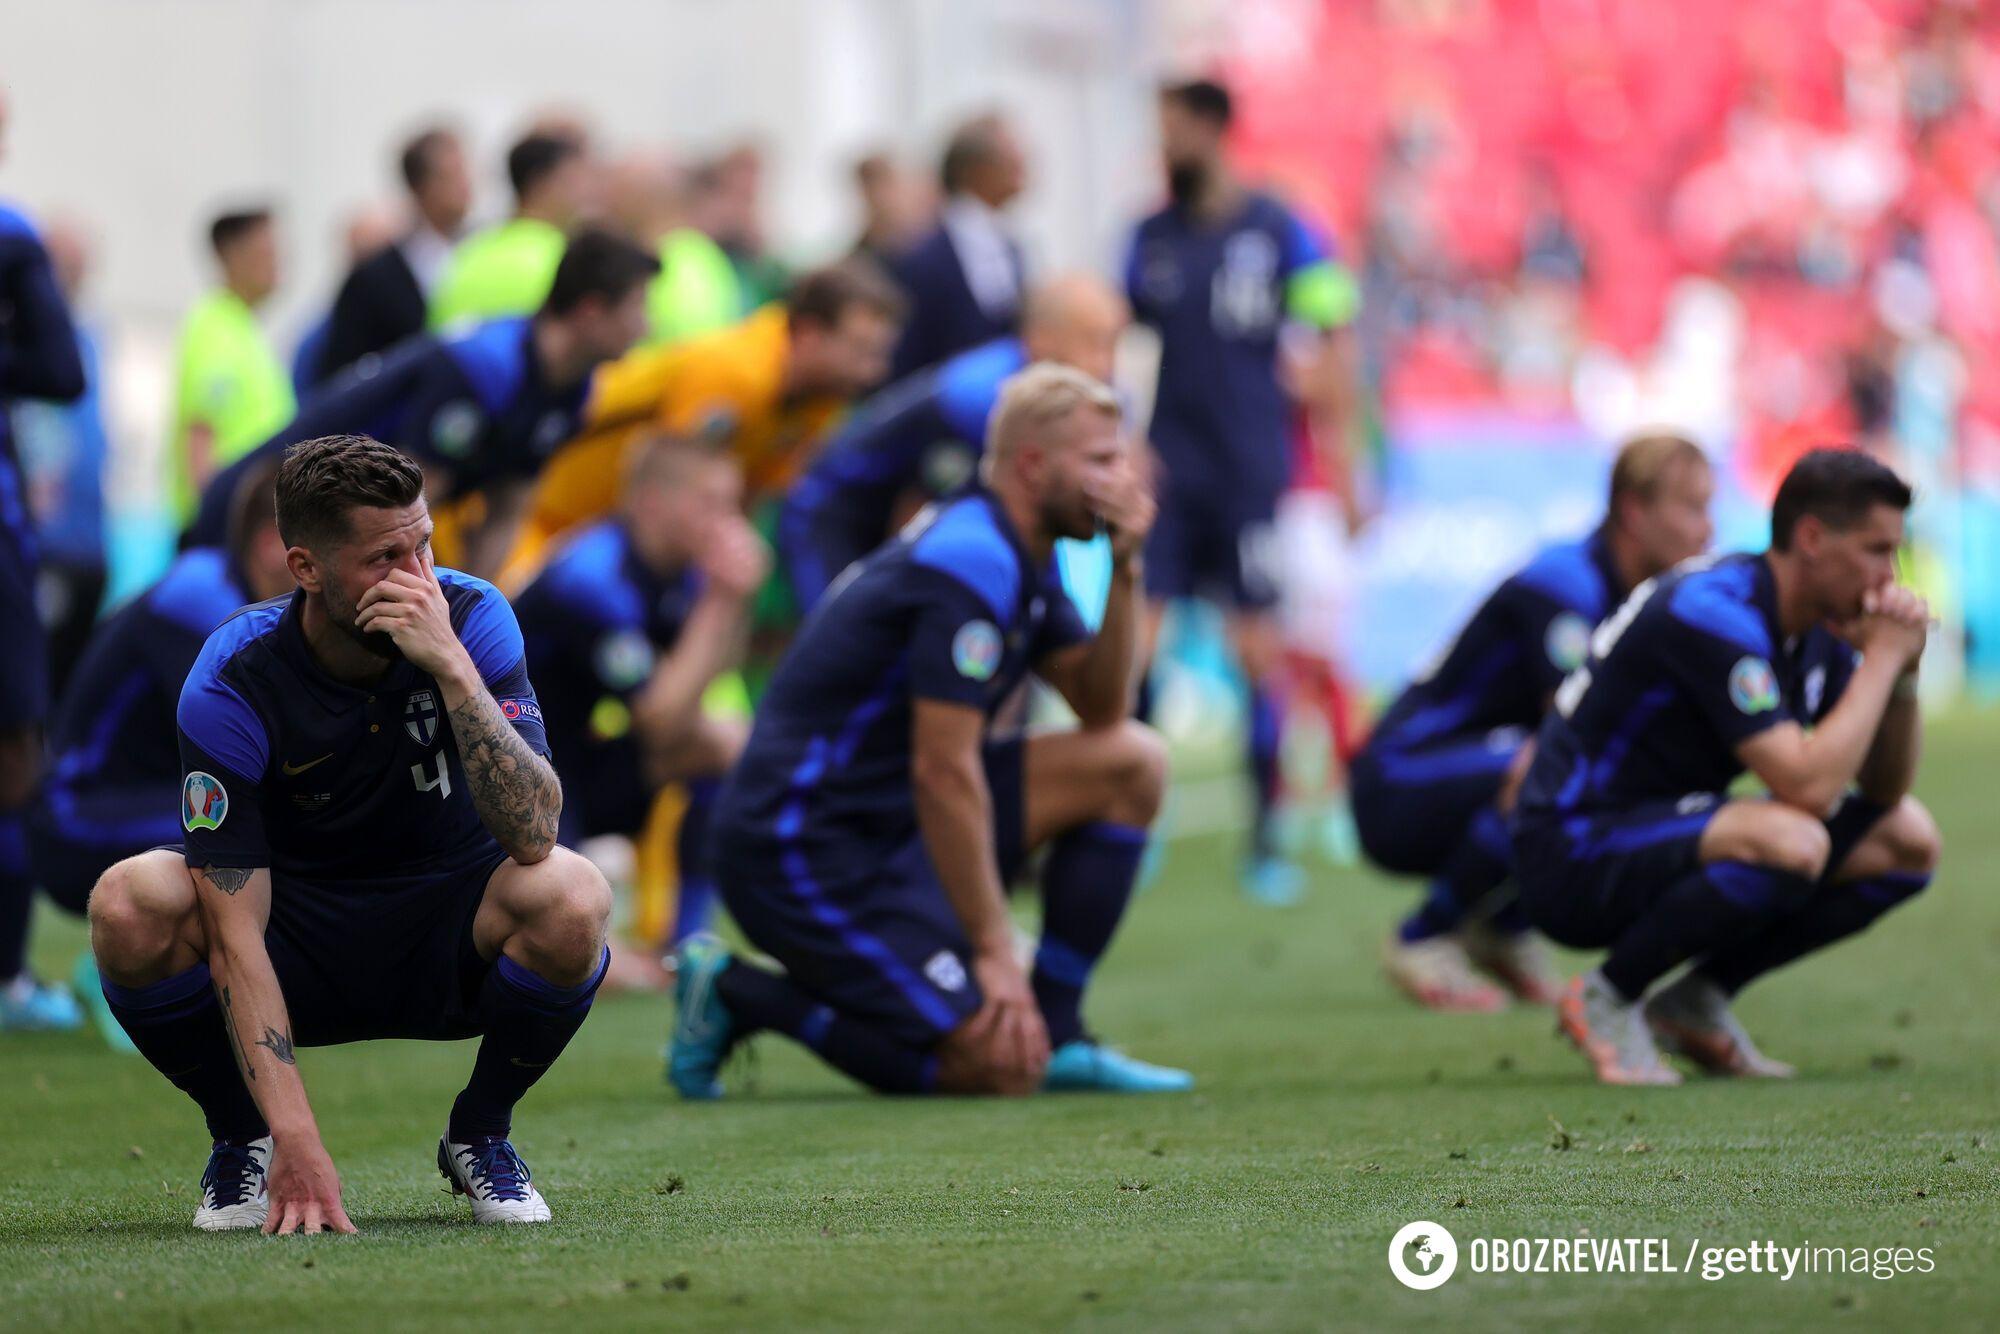 Футболисты не смогли сдержать эмоций